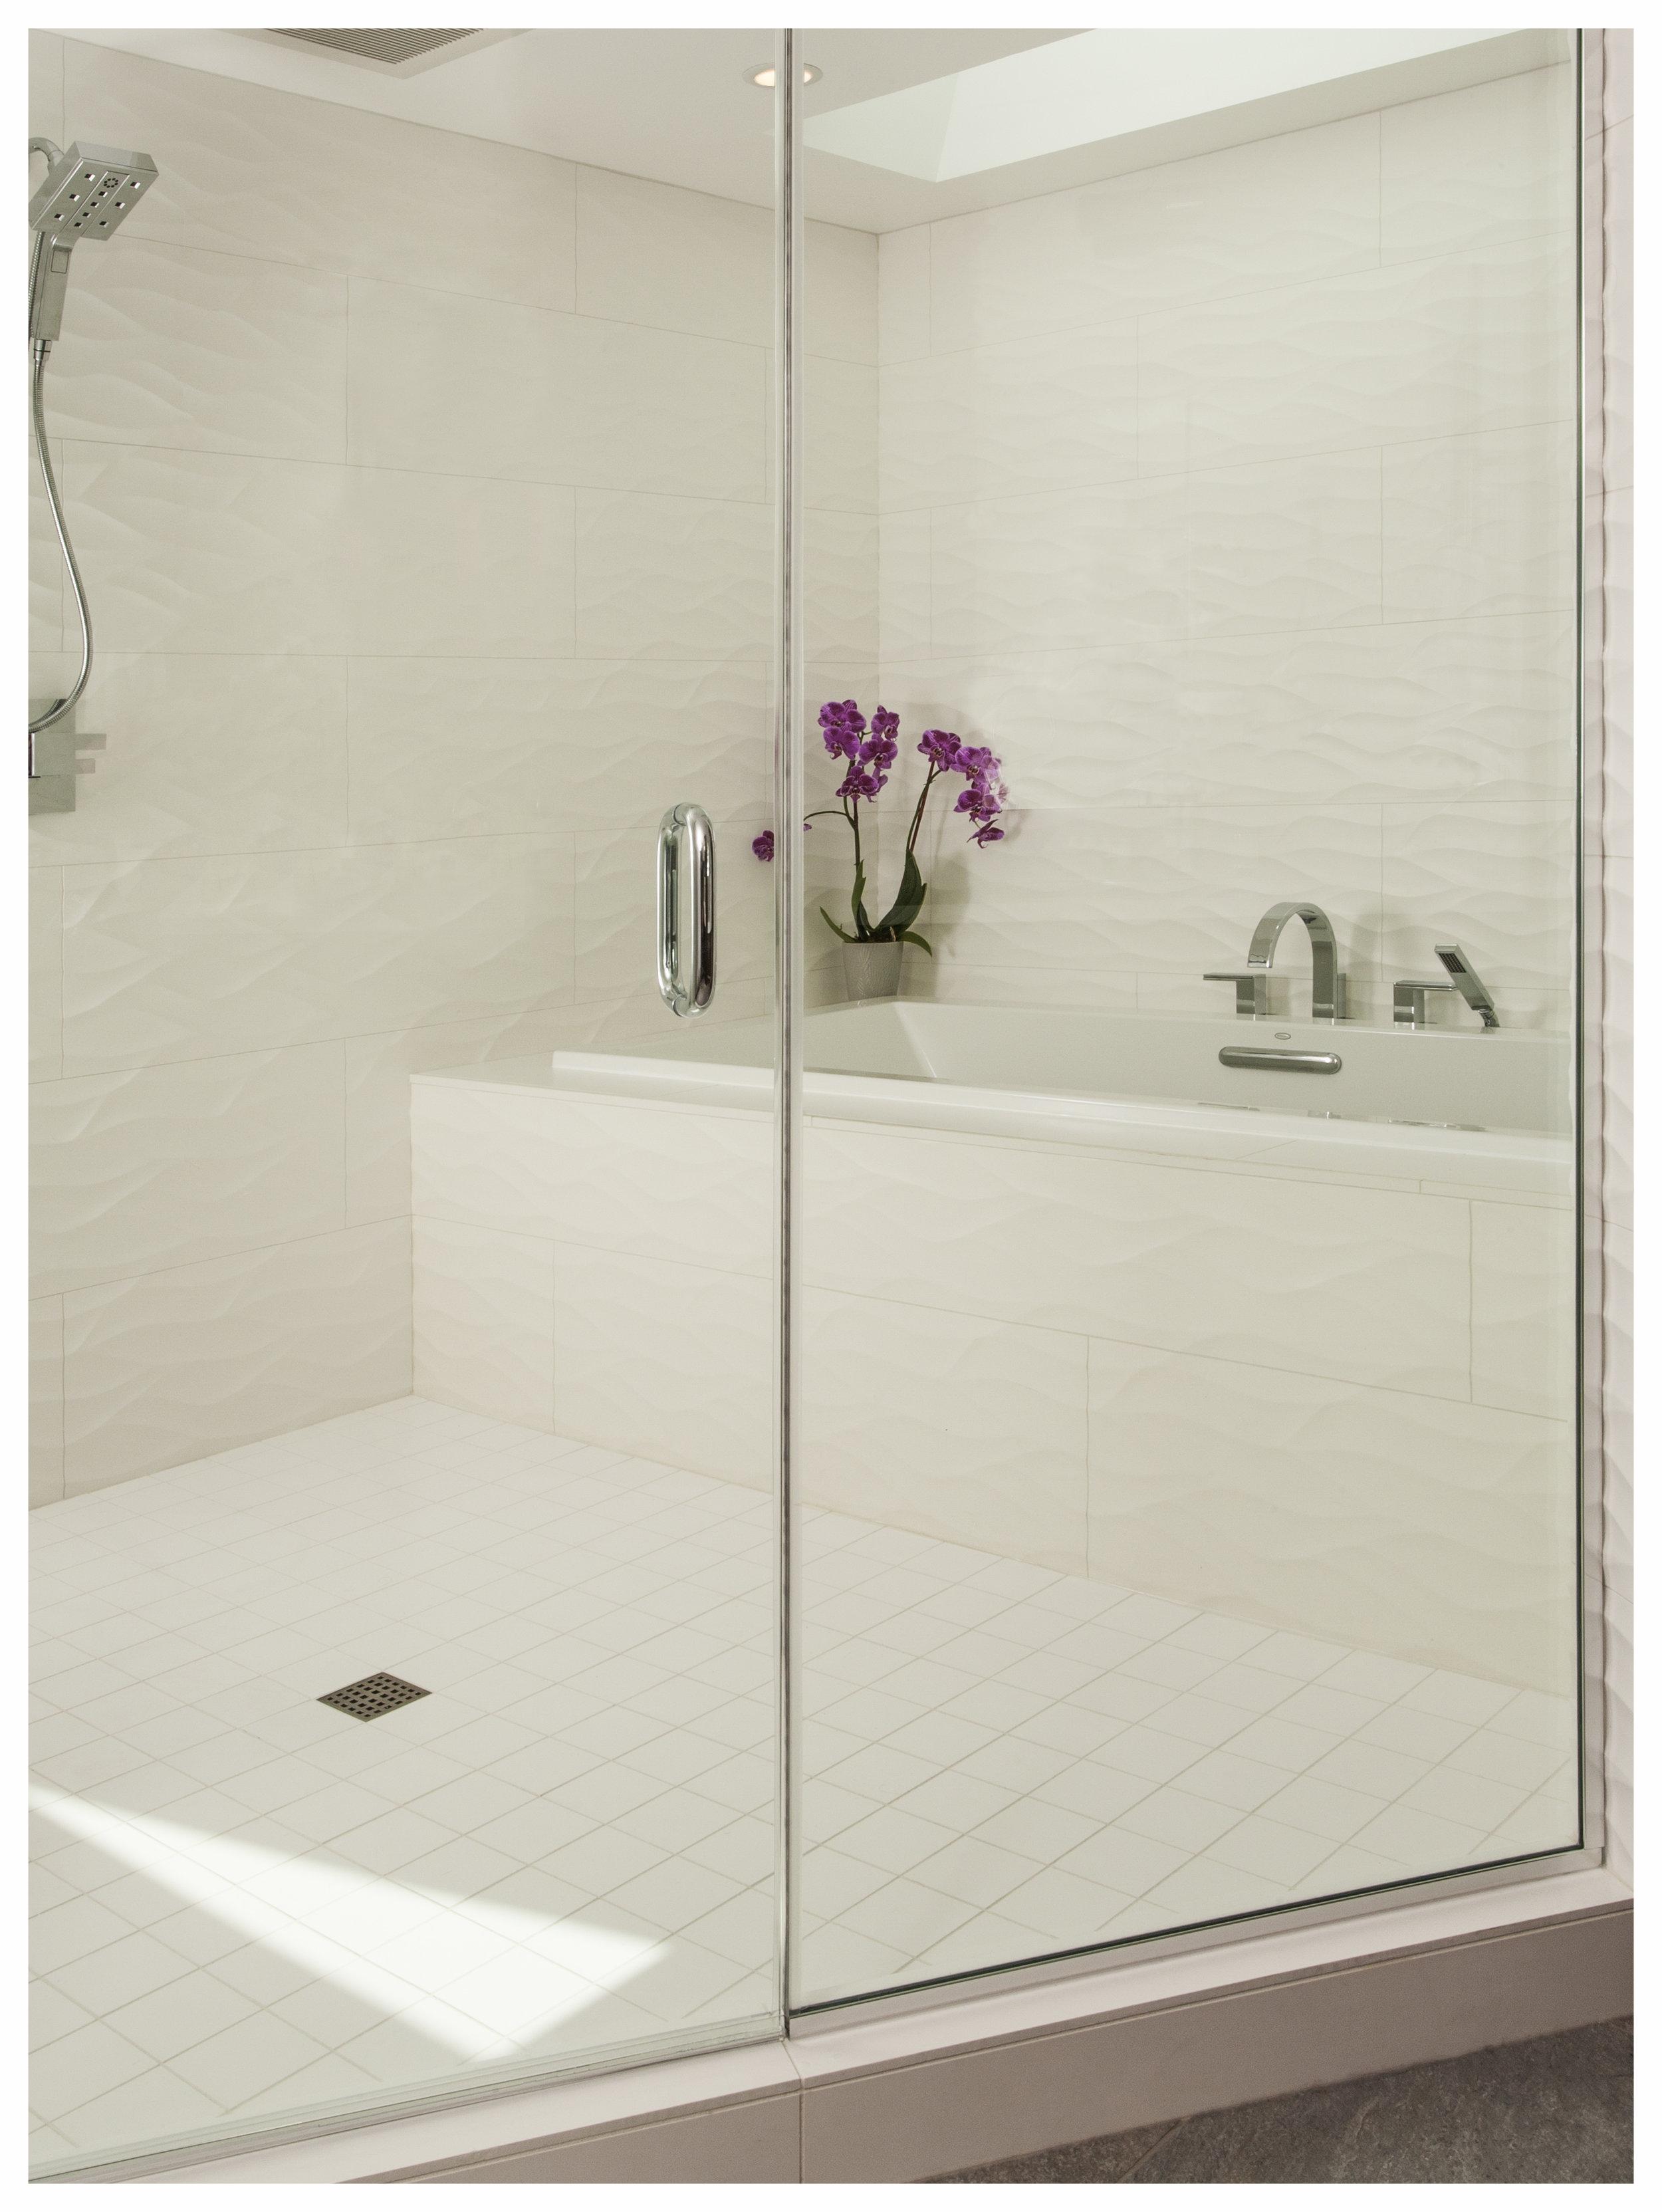 Bellevue Newport Shores Contemporary Master Bath 4.jpg